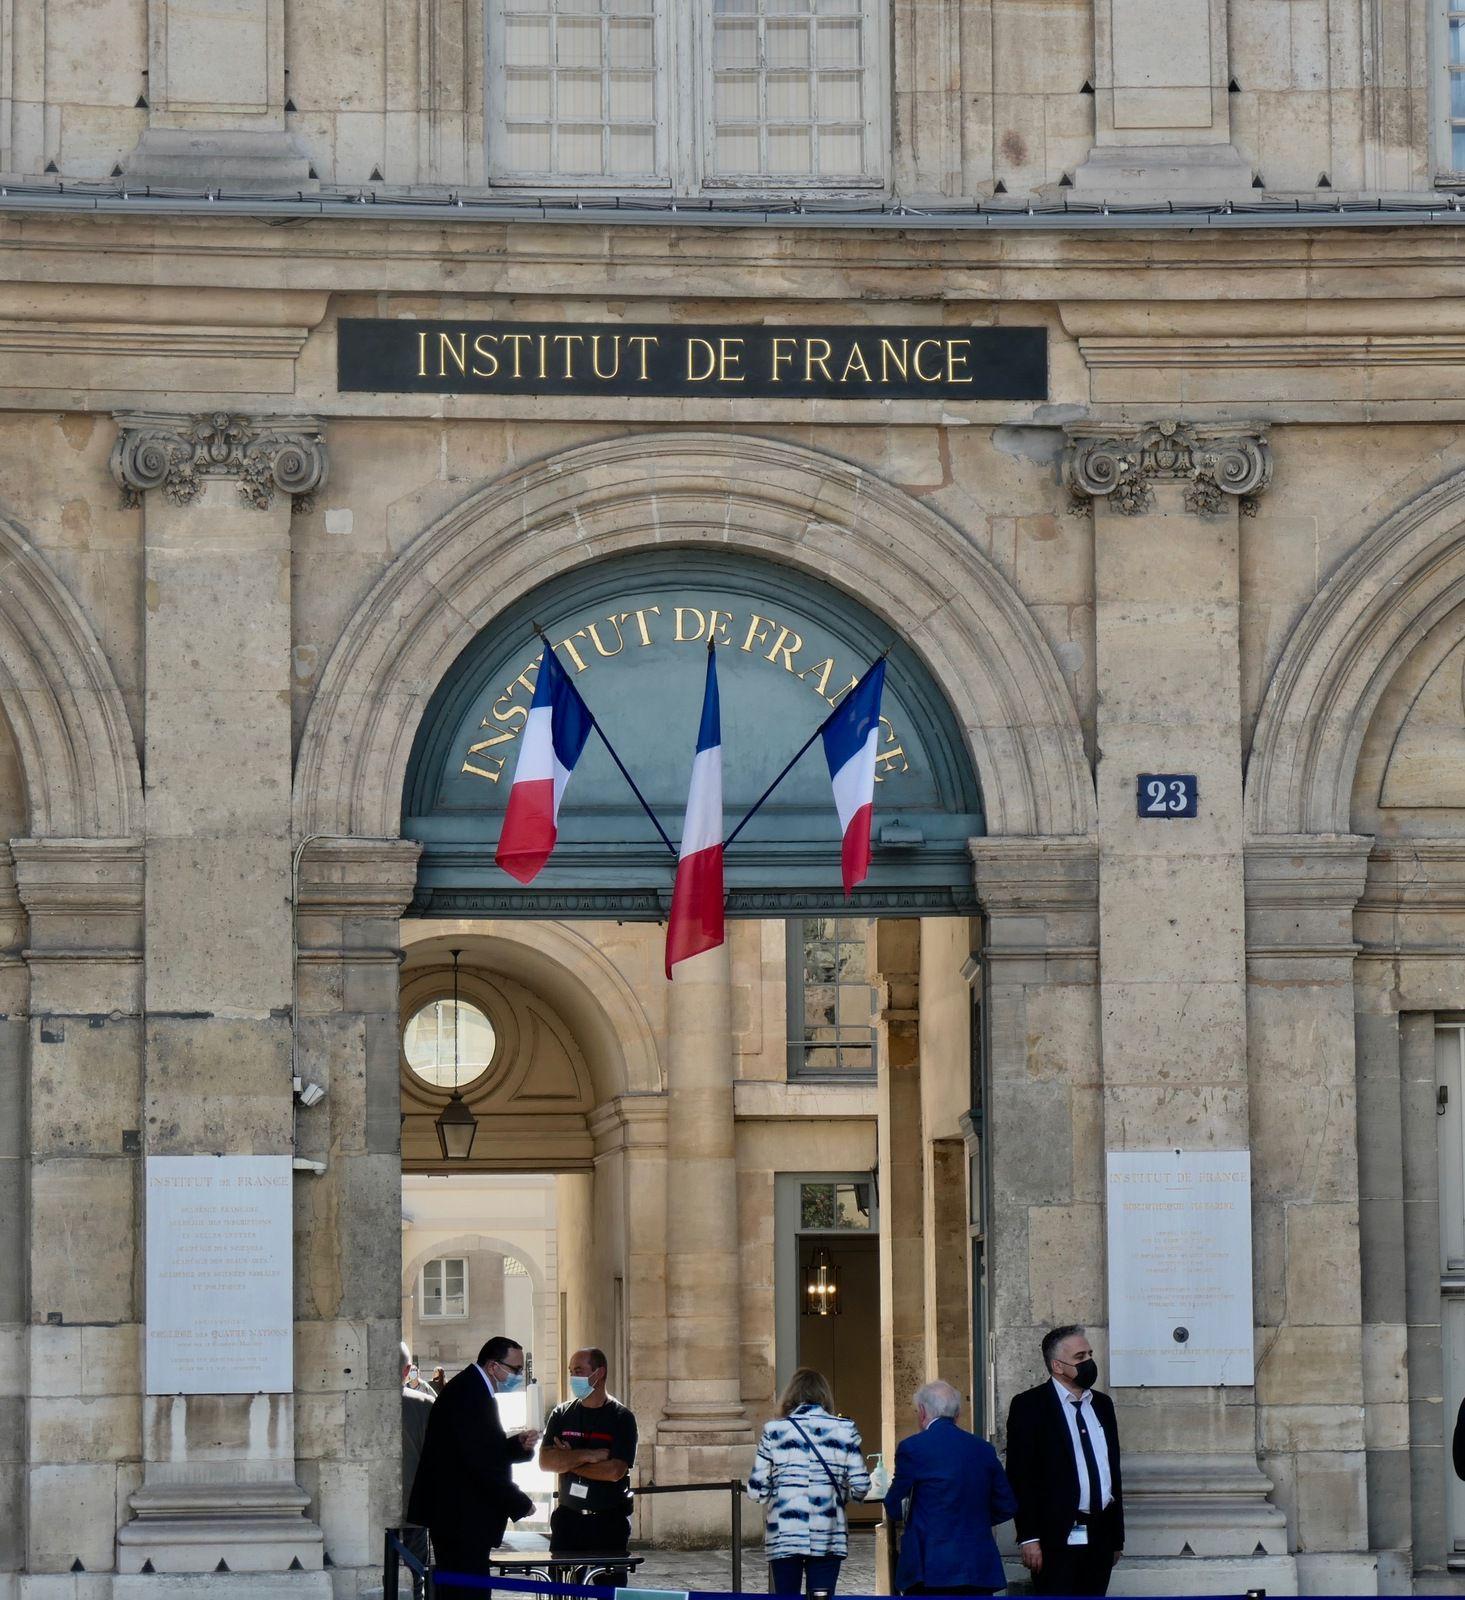 Entrée dans la bibliothèque Mazarine